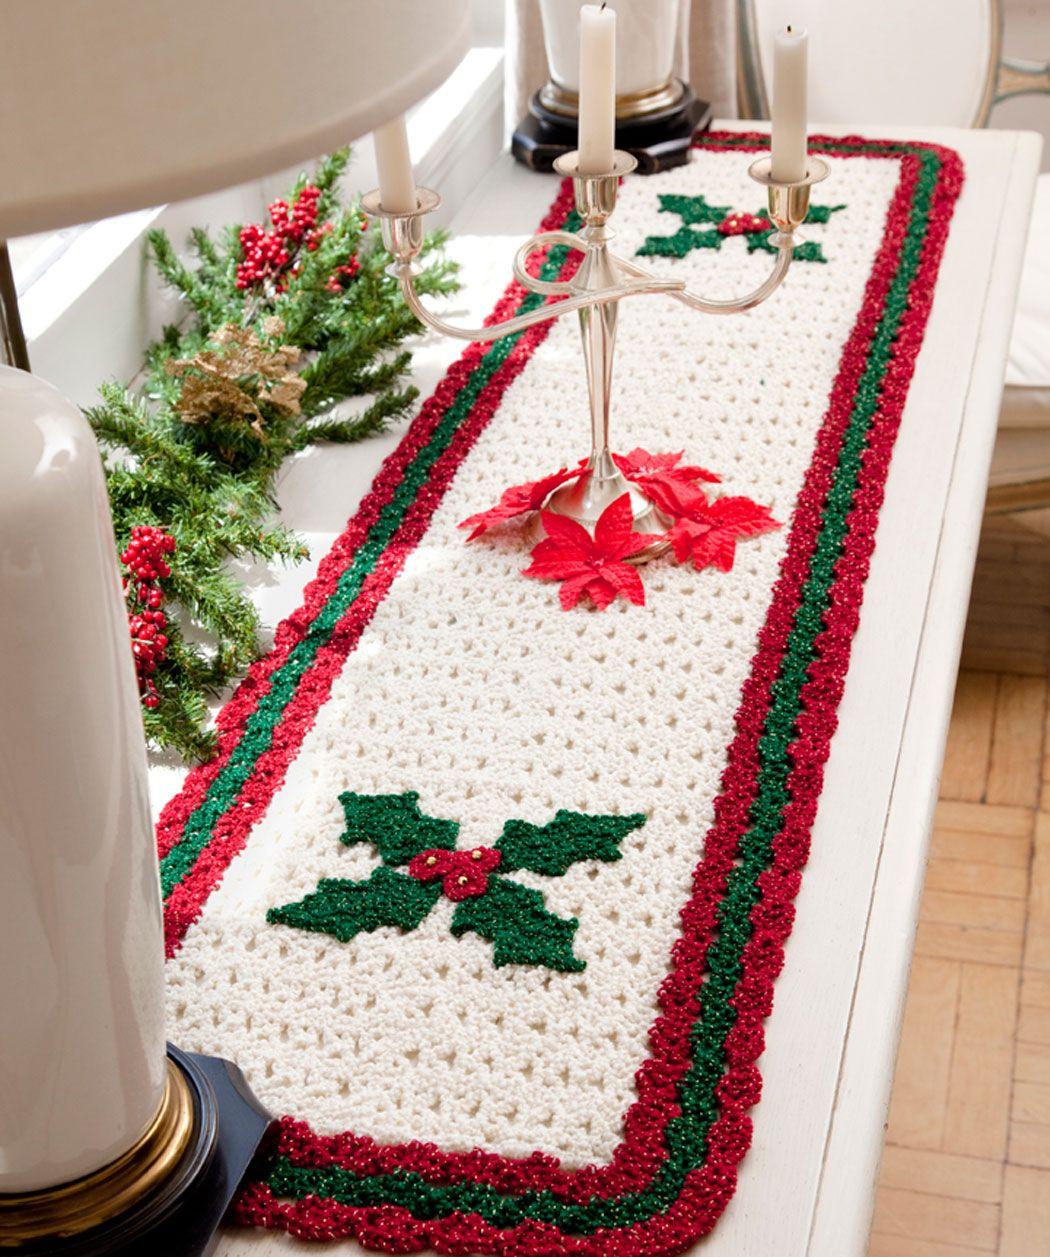 Crochet Christmas tablerunner | Christmas | Pinterest | Crochet ...